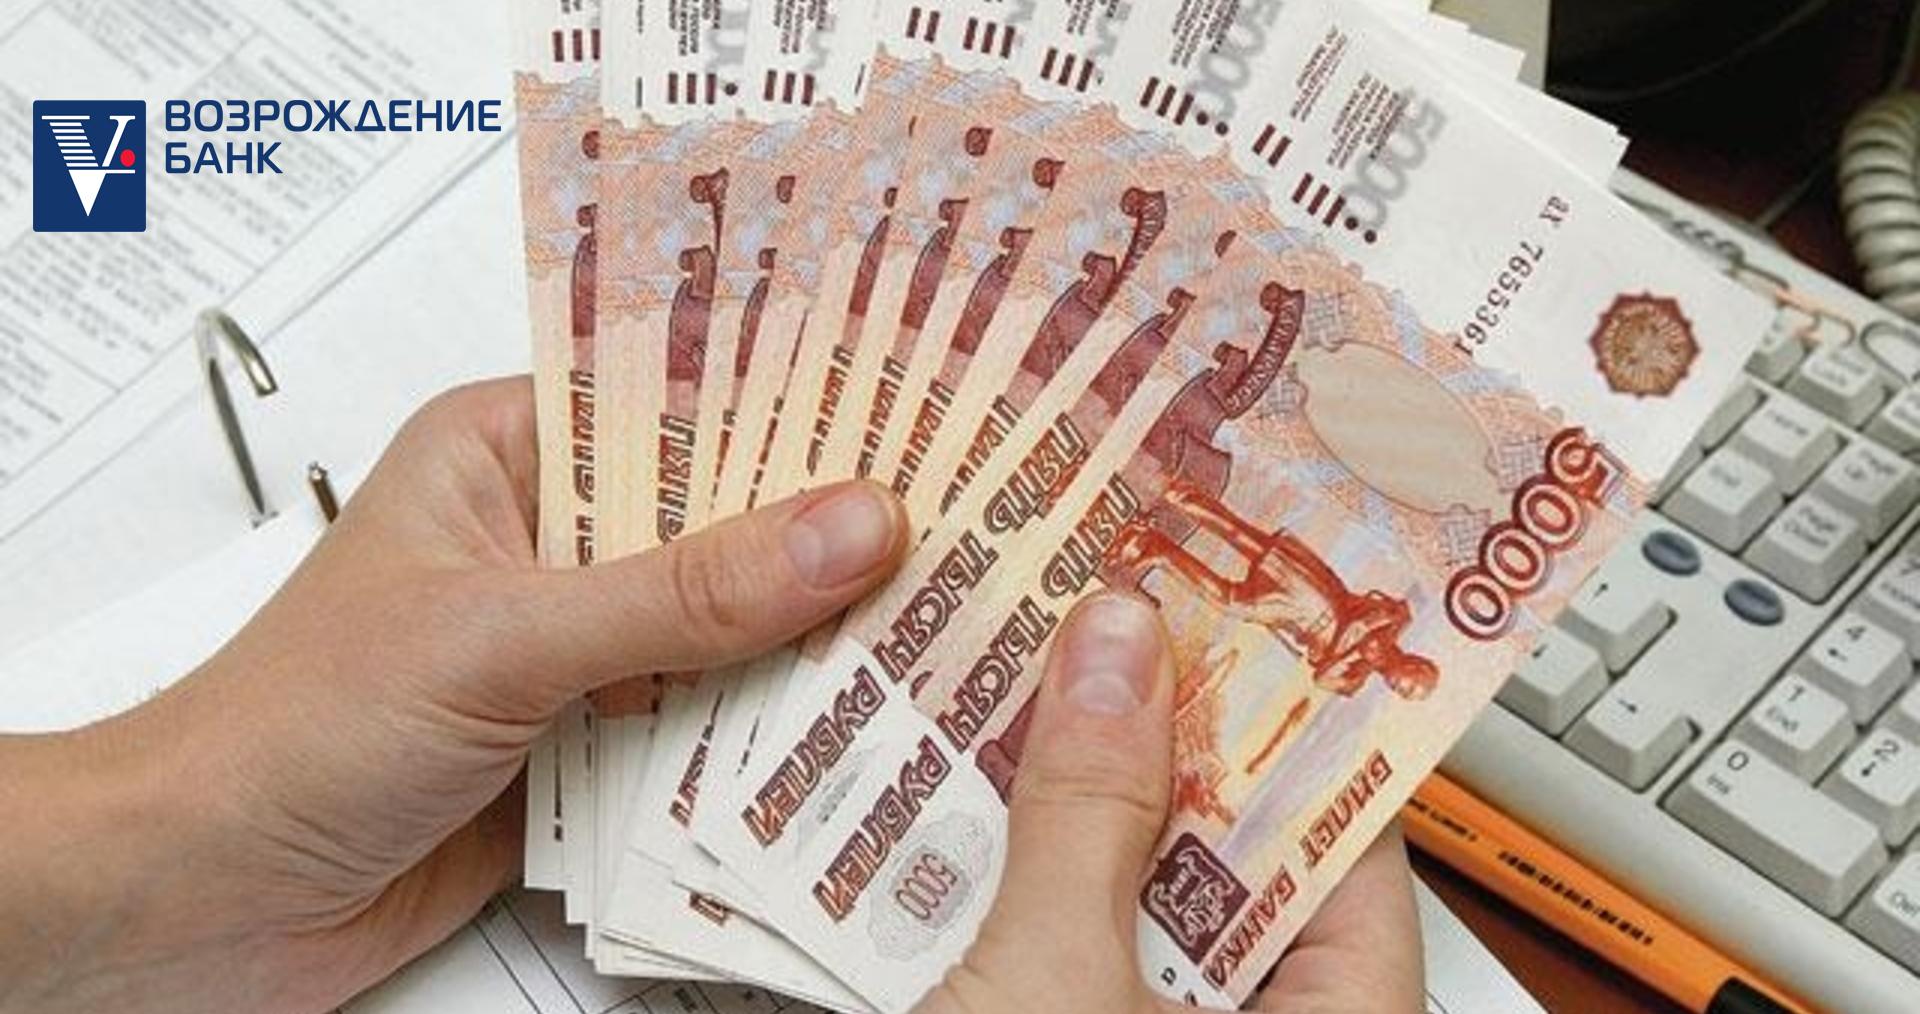 банк возрождение потребительский кредит процентная ставка 2020 займы с плохой кредитной историей в минске